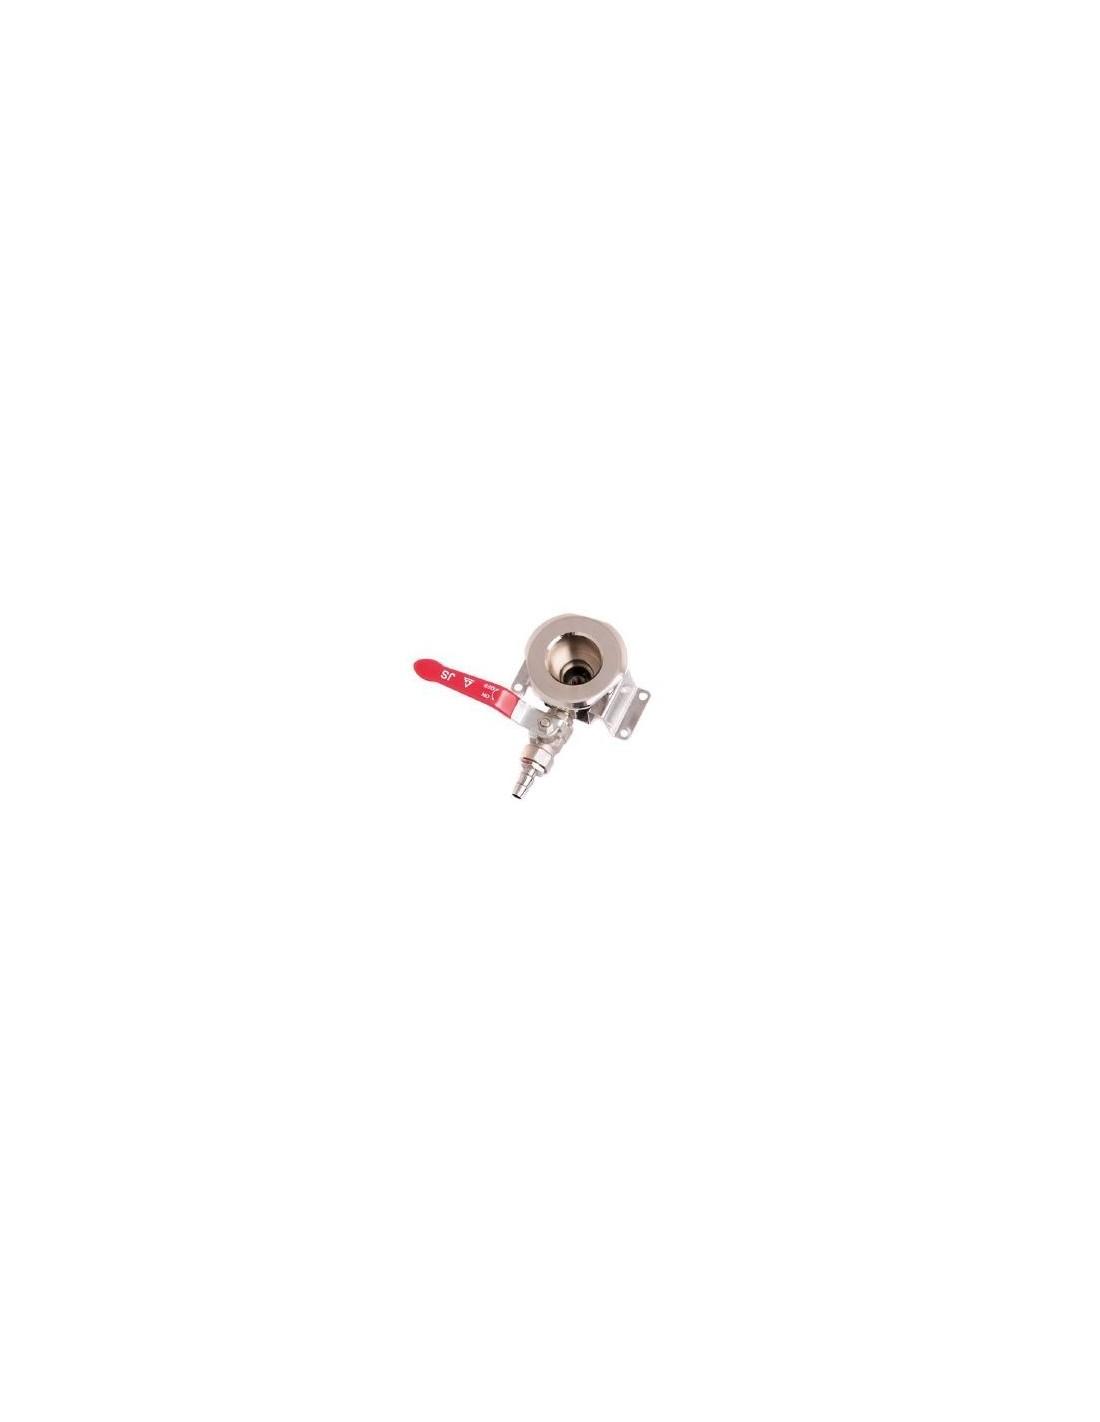 VYR02275 - Rengöring - Rengöringsadapter Keykeg